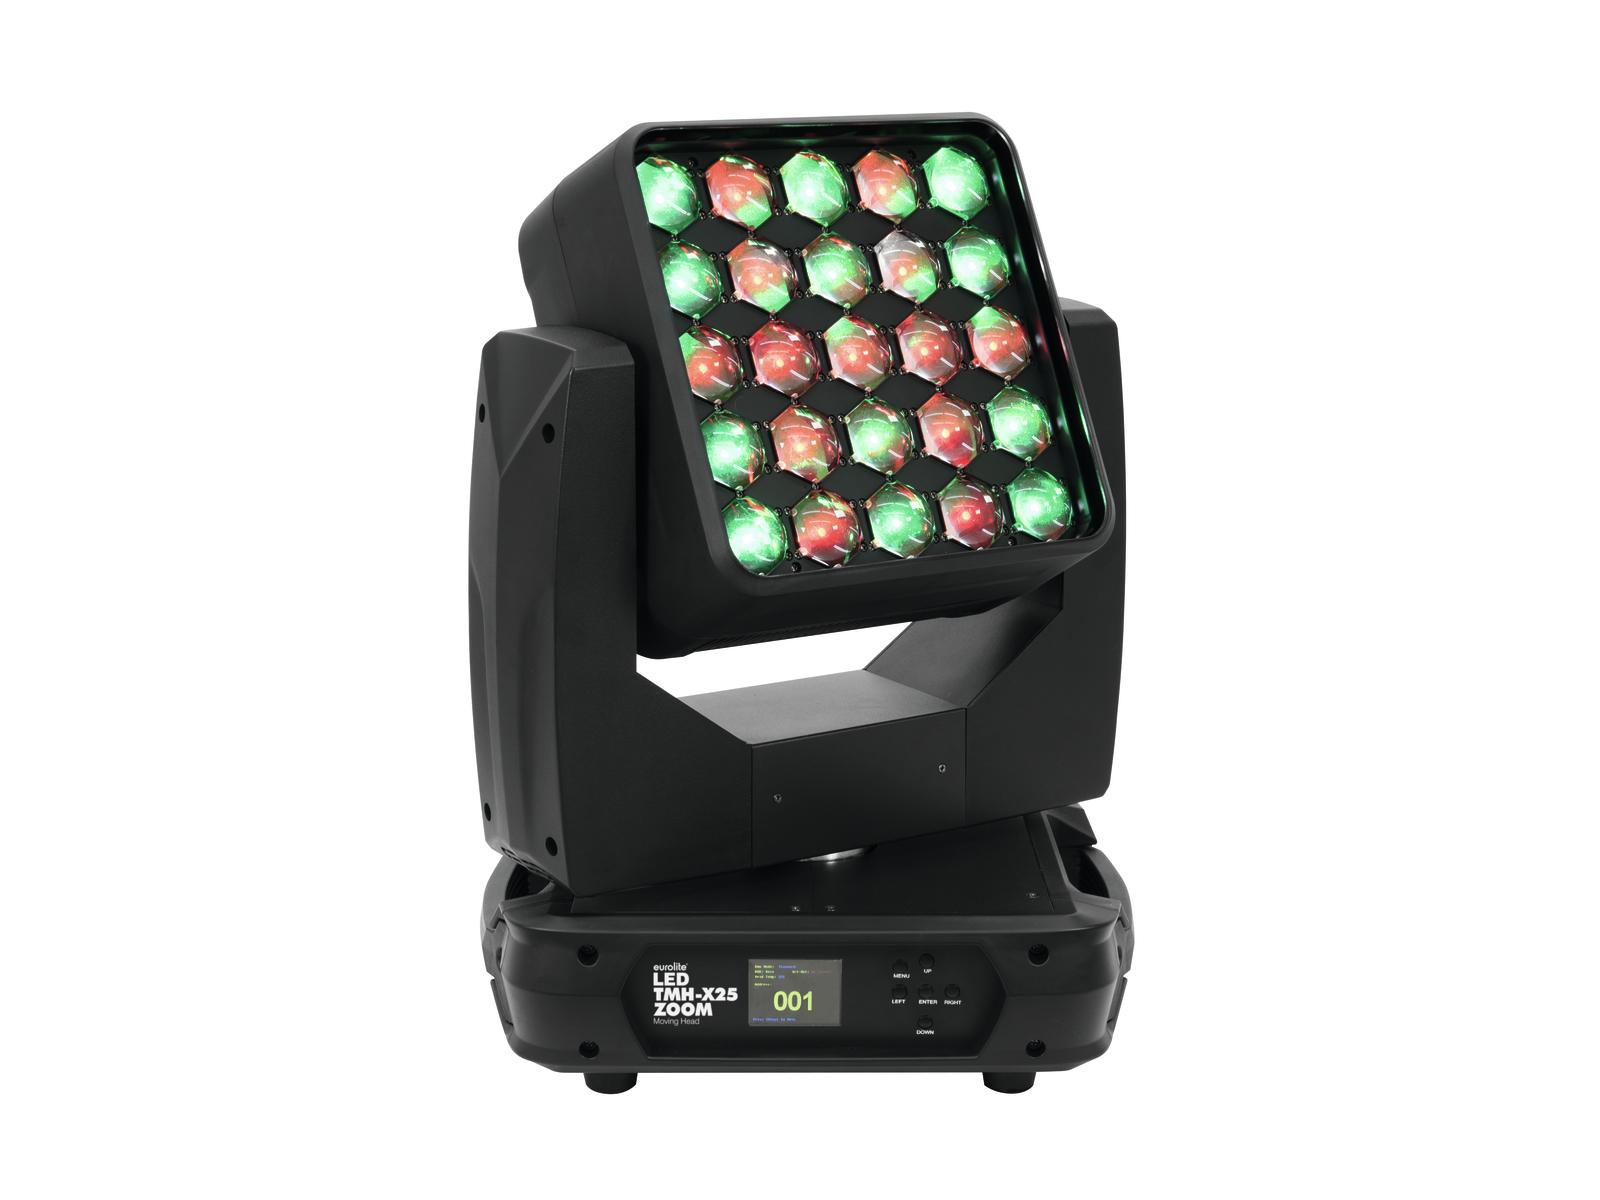 Eurolite LED TMH-X25 otočná hlavice Zoom, 25x12W RGBW LED, DMX